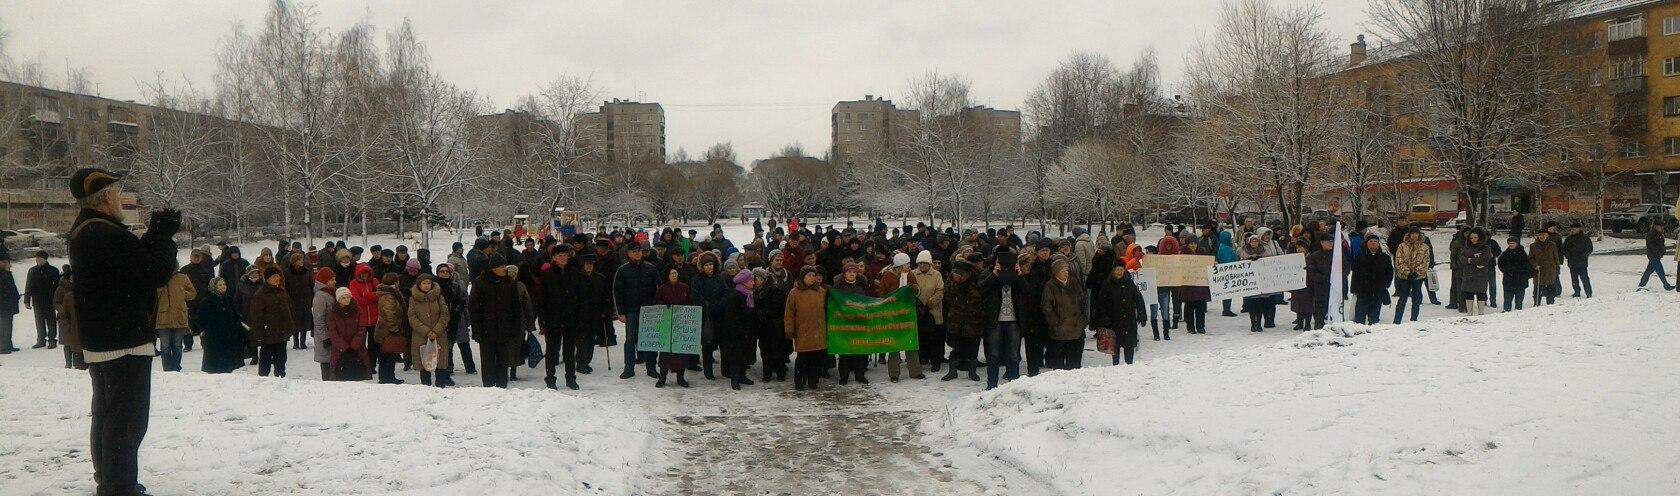 Более 200 человек митинговали в день Конституции в Вологде